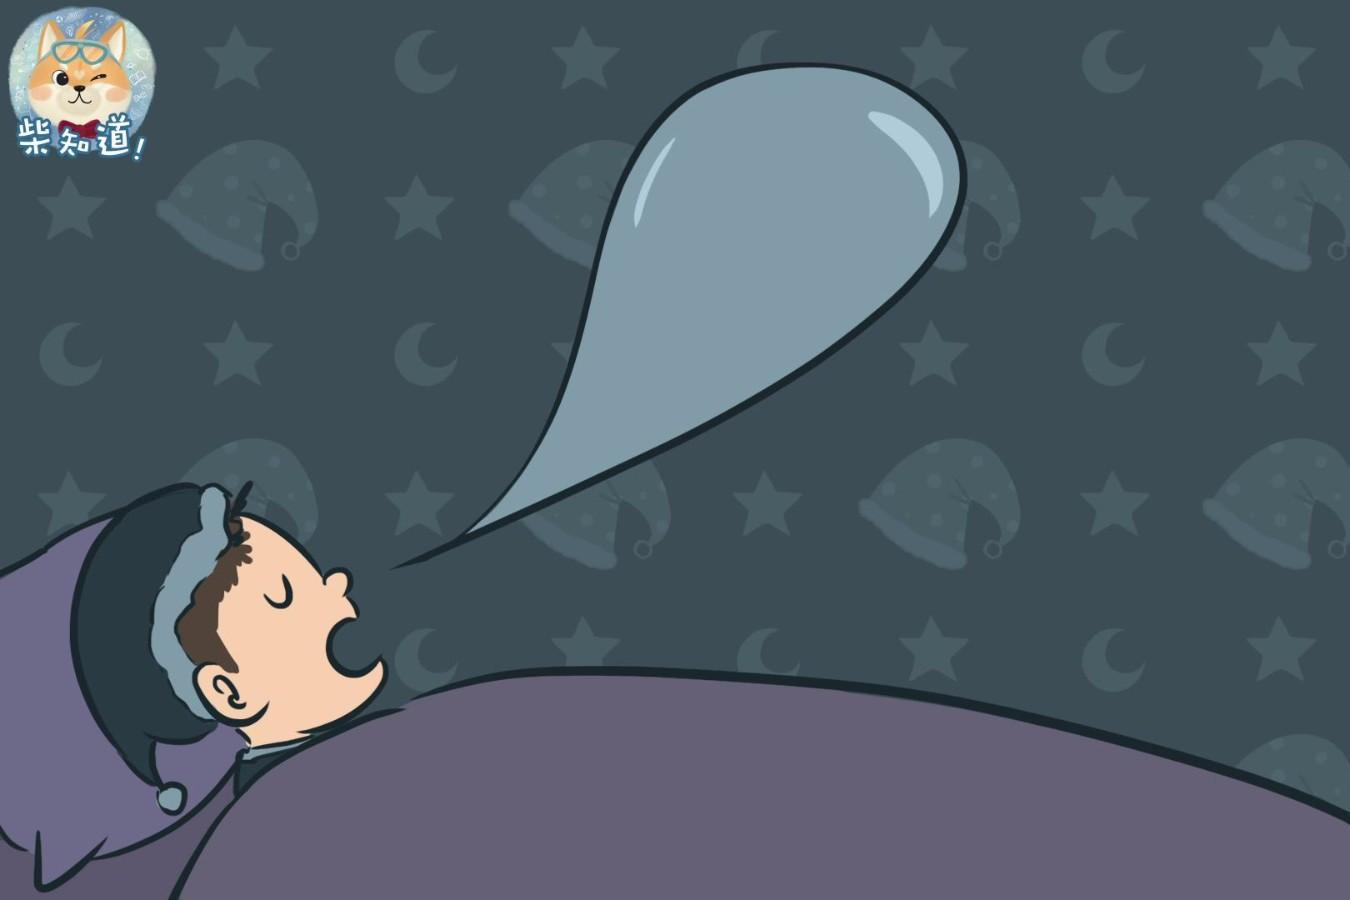 如何快速进入睡眠?